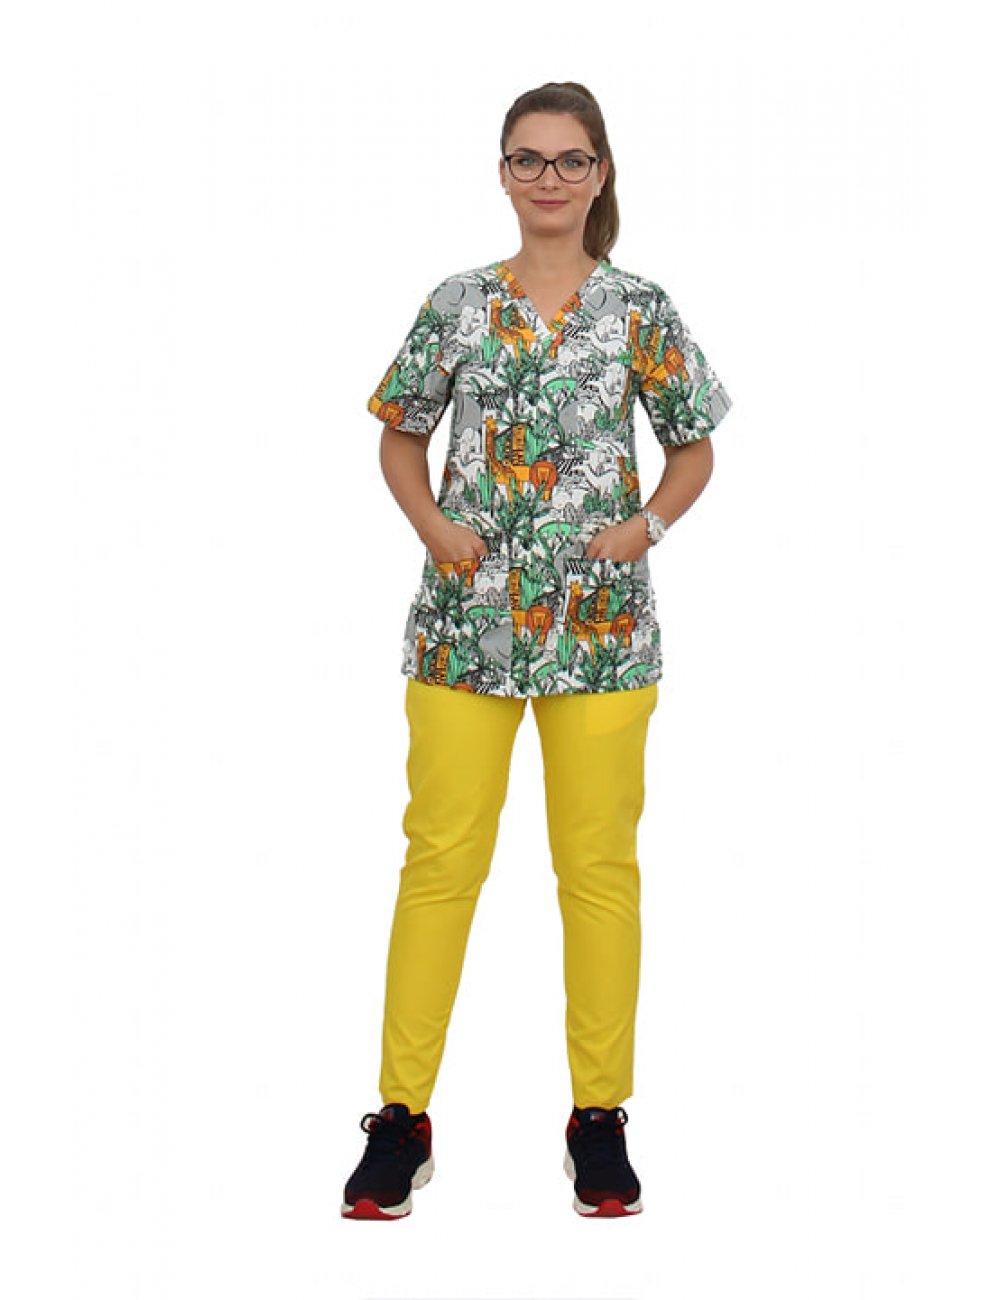 Costum medical Jungle, cu bluza cu imprimeu si pantaloni galbeni cu elastic